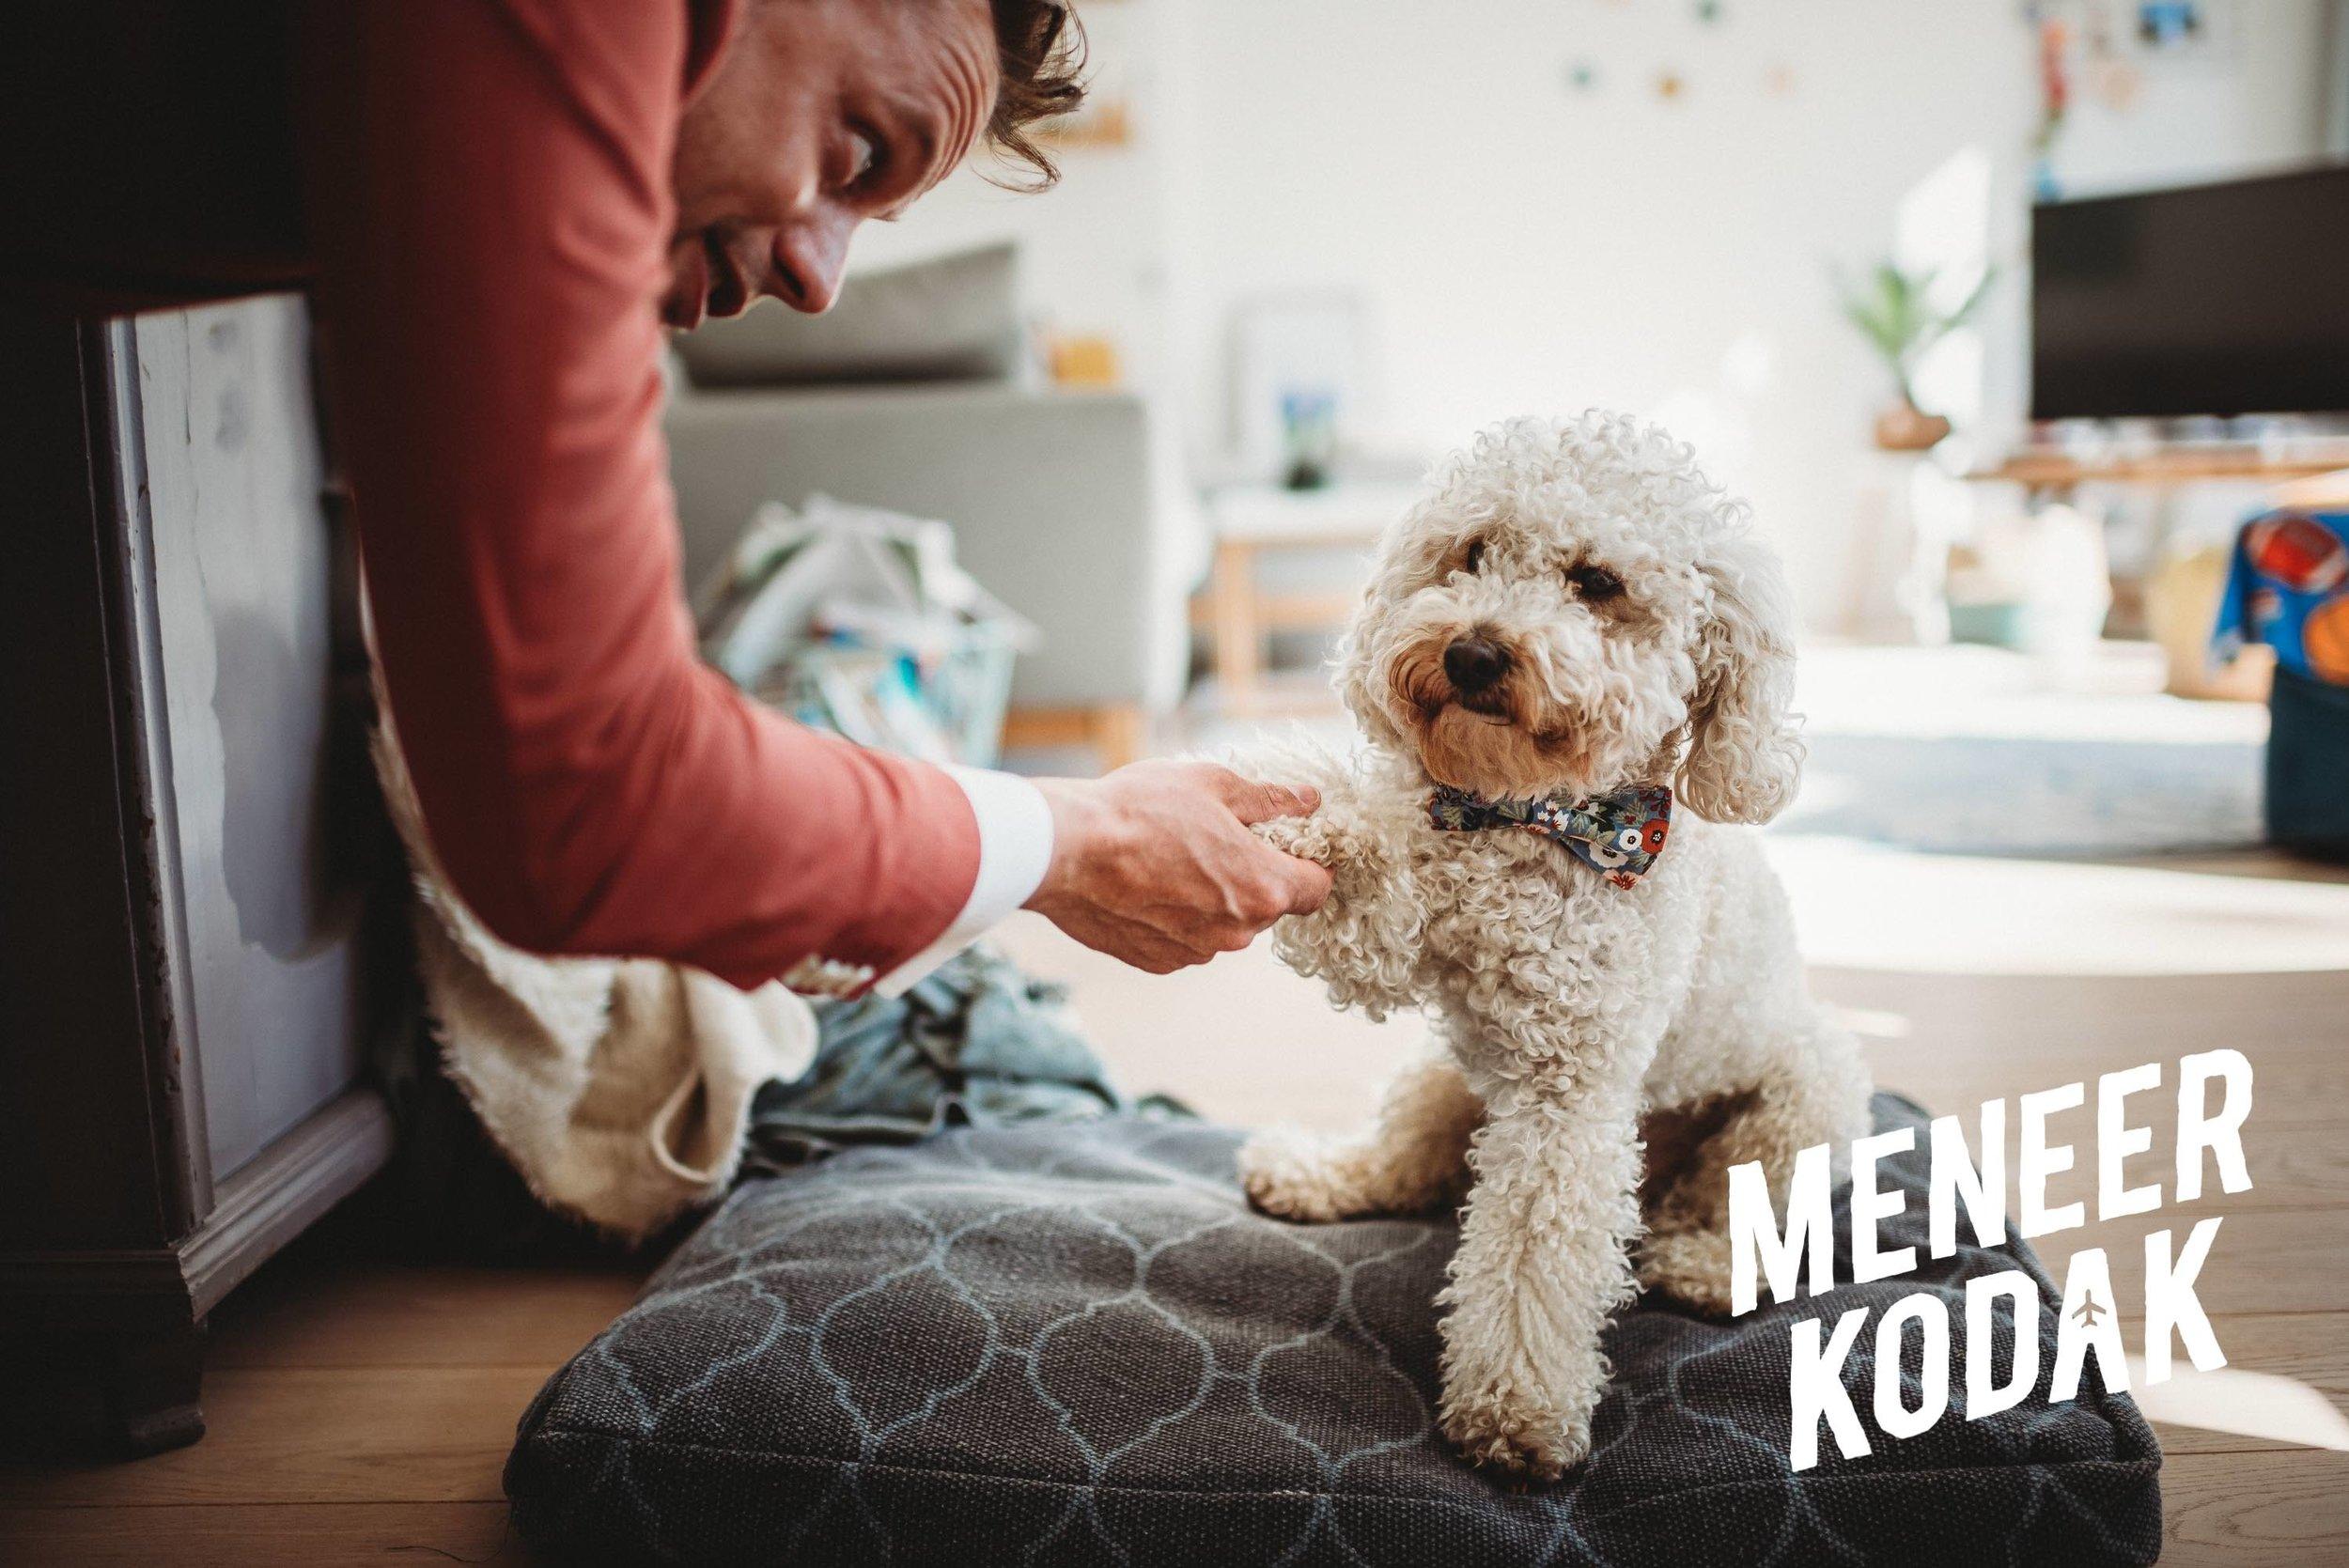 Meneer Kodak - Bruidsfotograaf - Amsterdam - M&J-006.jpg